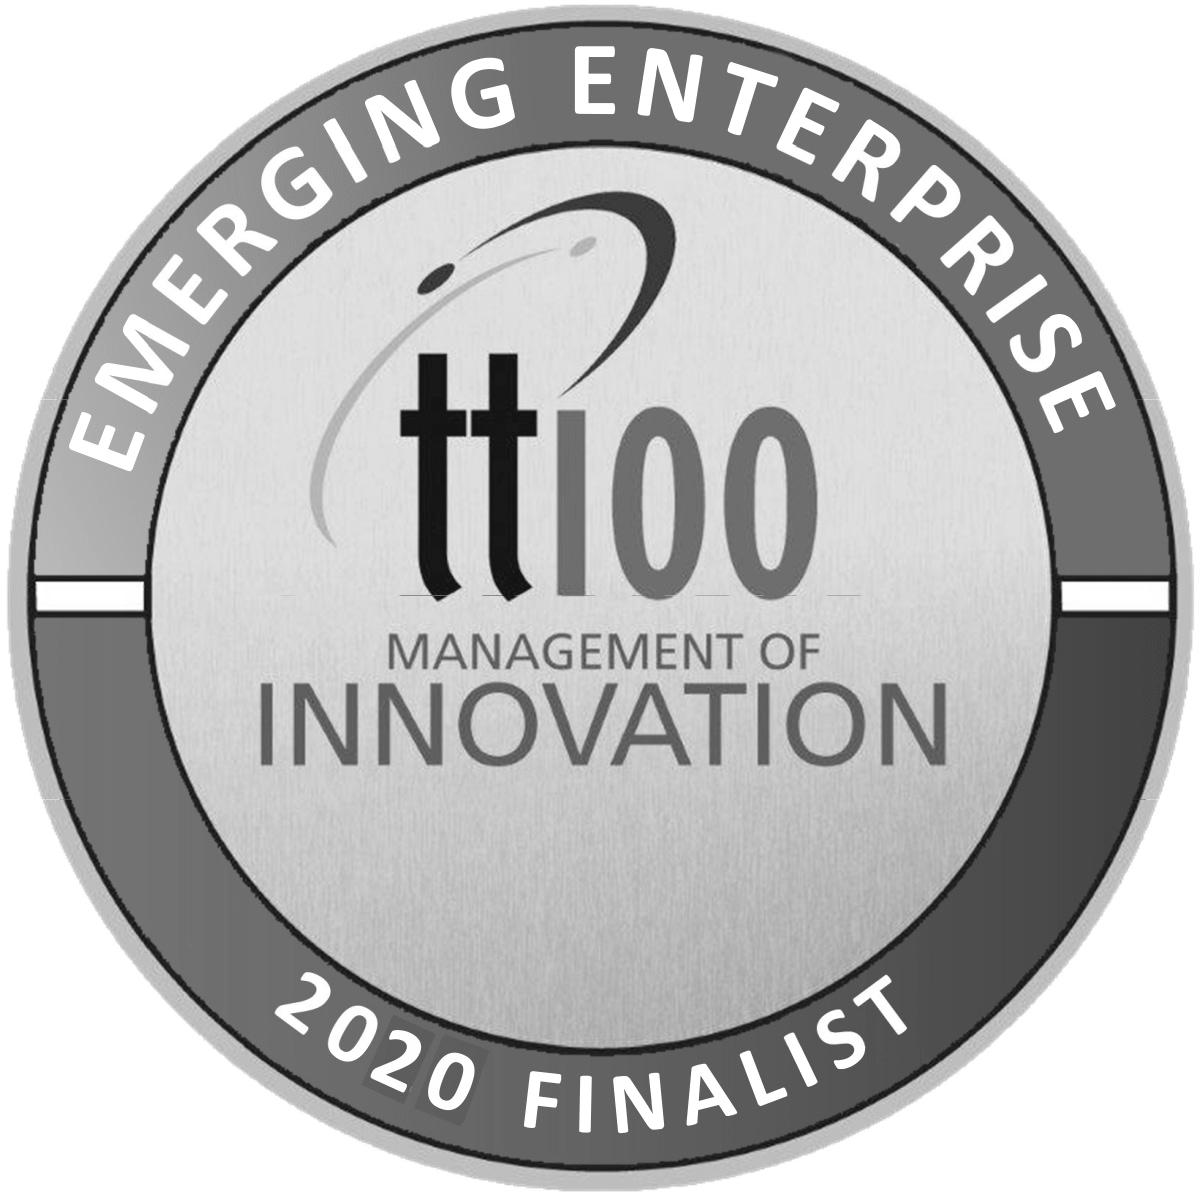 tt100-seal-management-of-innovation-2020-finalist